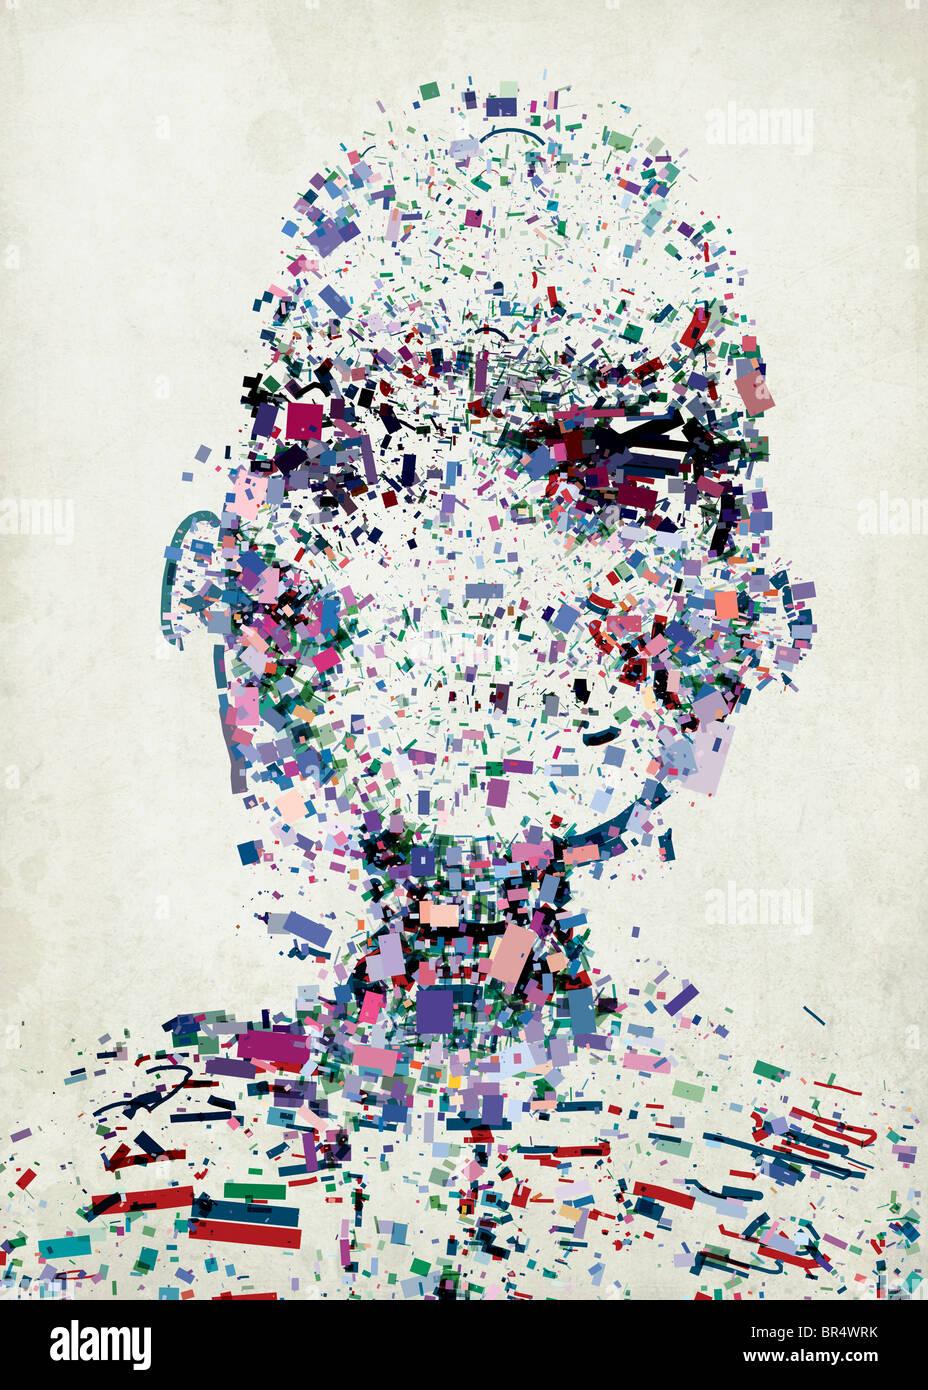 Résumé Une illustration d'une tête de personnes composée d'une collection de fragments Photo Stock